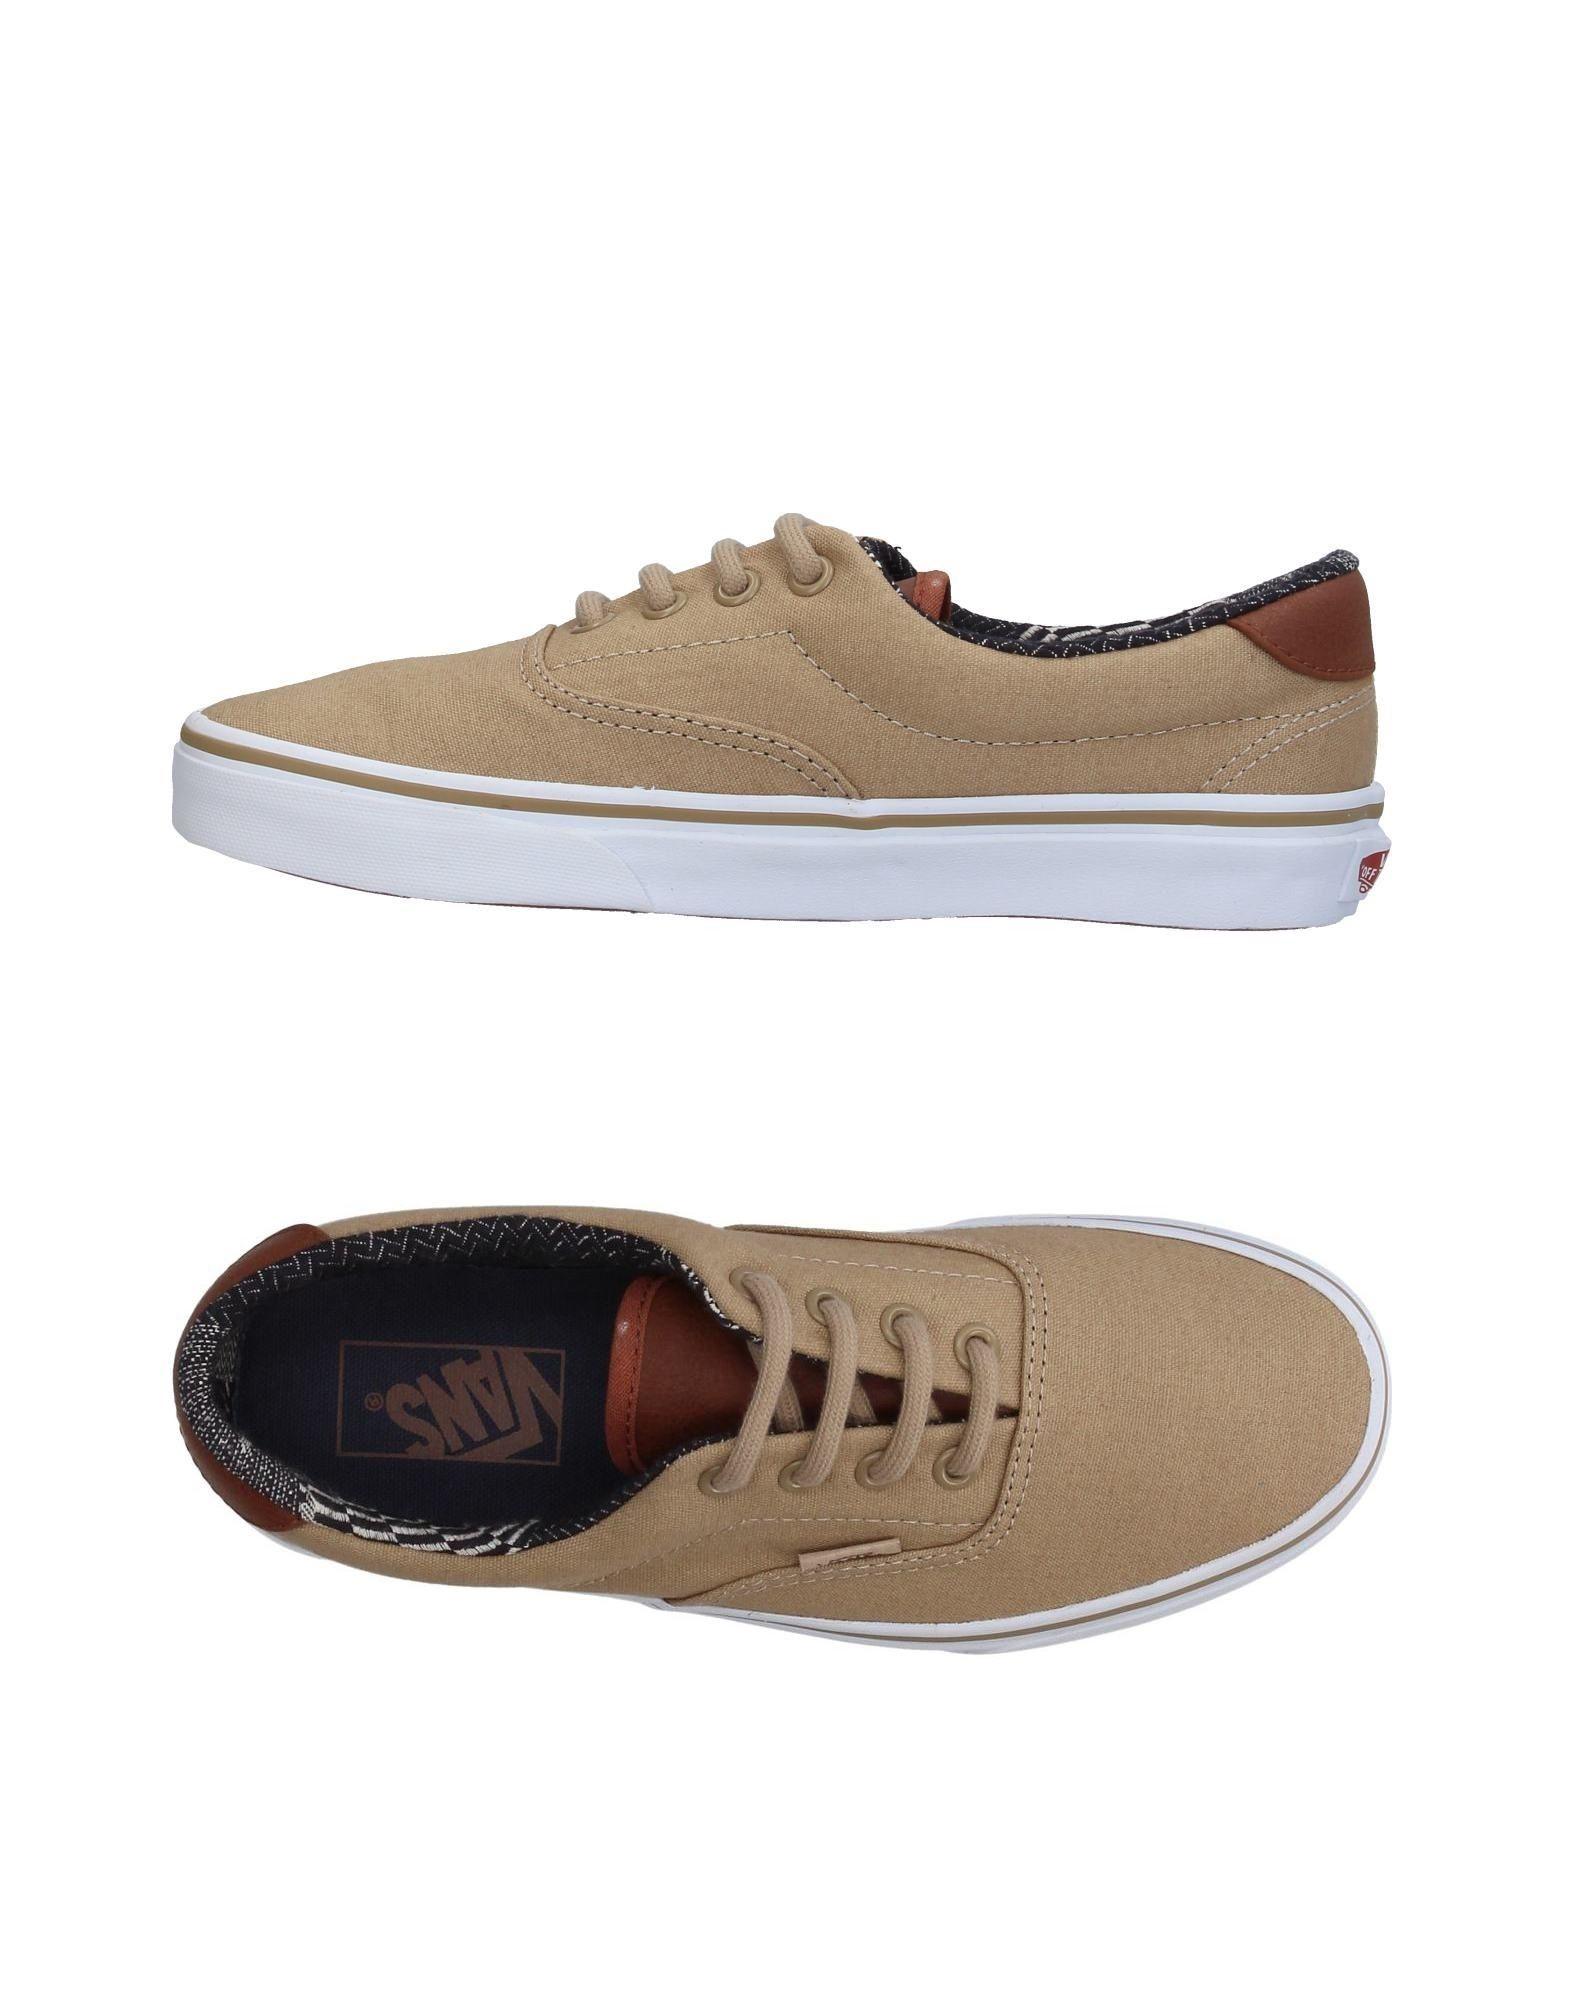 Vans Sneakers Damen  11393765DA Gute Qualität beliebte Schuhe